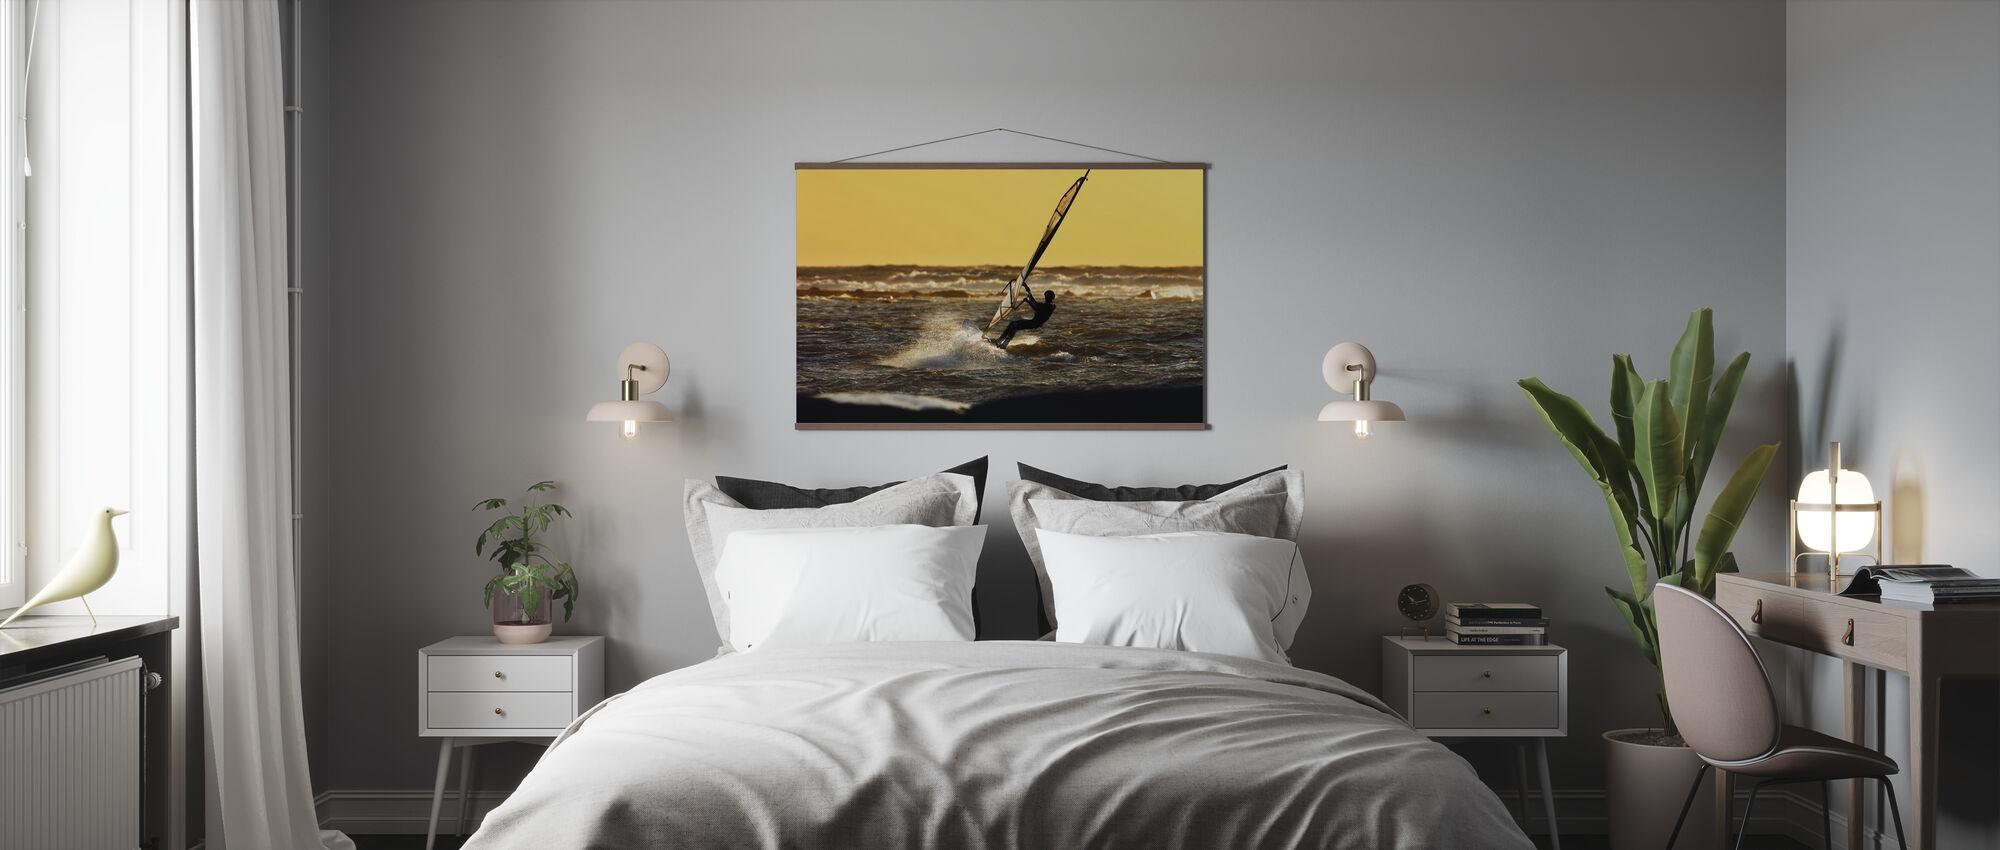 Windsurfen - Poster - Schlafzimmer